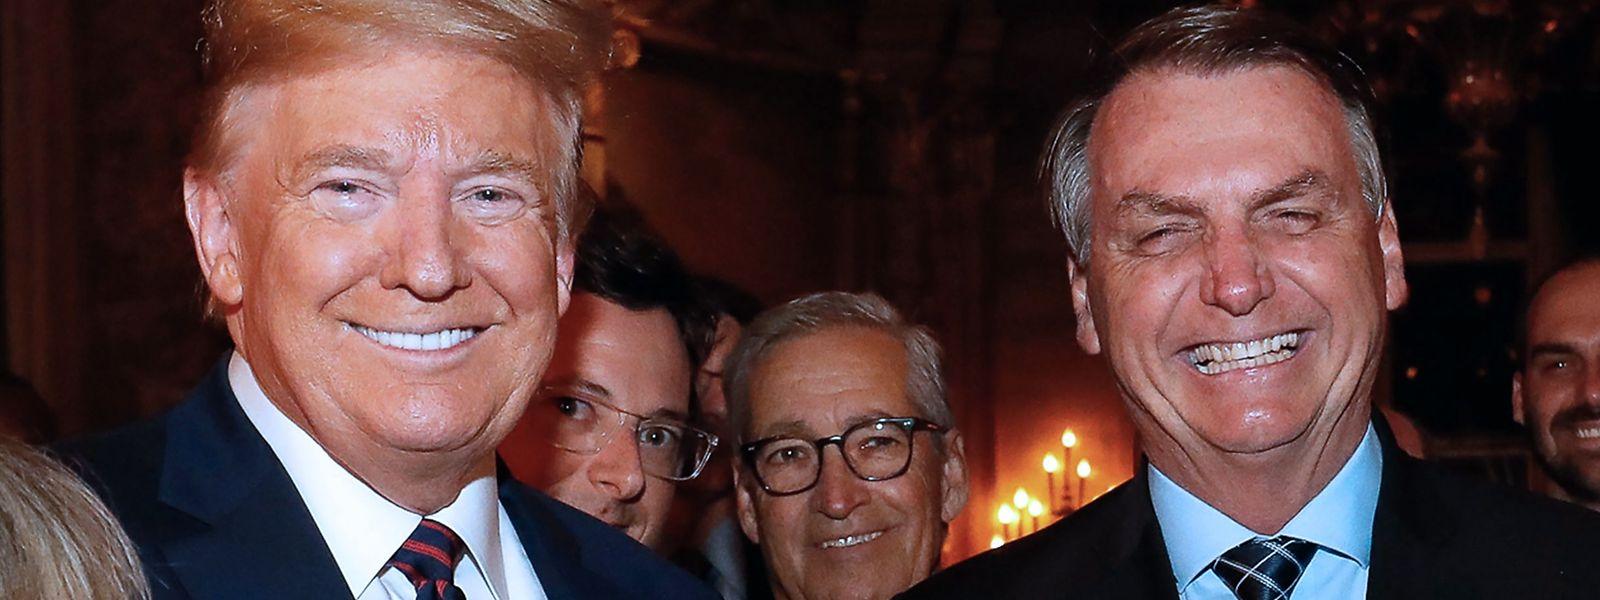 US-Präsident Donald Trump und der brasilianische Präsident Jair Bolsonaro am vergangenen Samstag.